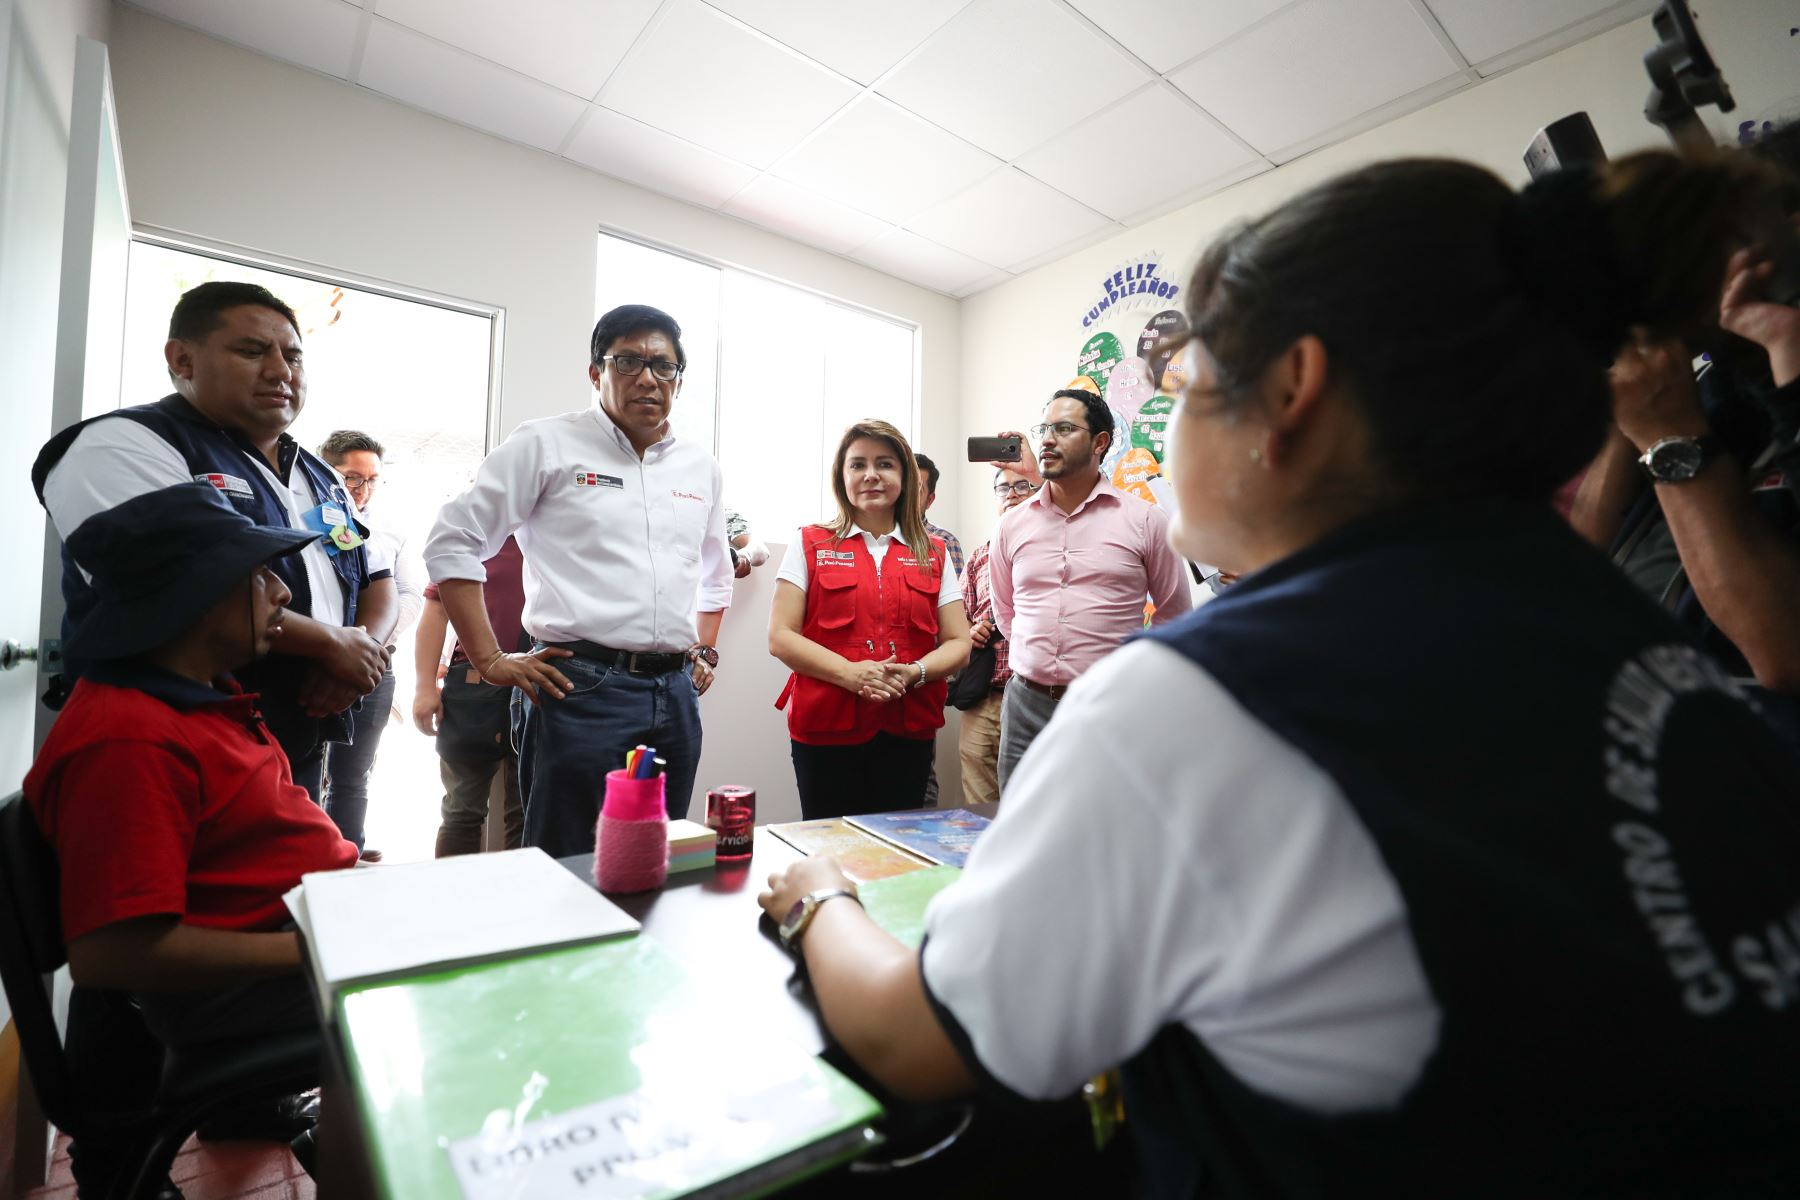 Jefe de Gabinete Vicente Zeballos y ministra de Salud Elizabeth Hinostroza ponen en marcha Centro de Salud Mental Comunitario en San Ramón, Junín. Foto: ANDINA/PCM